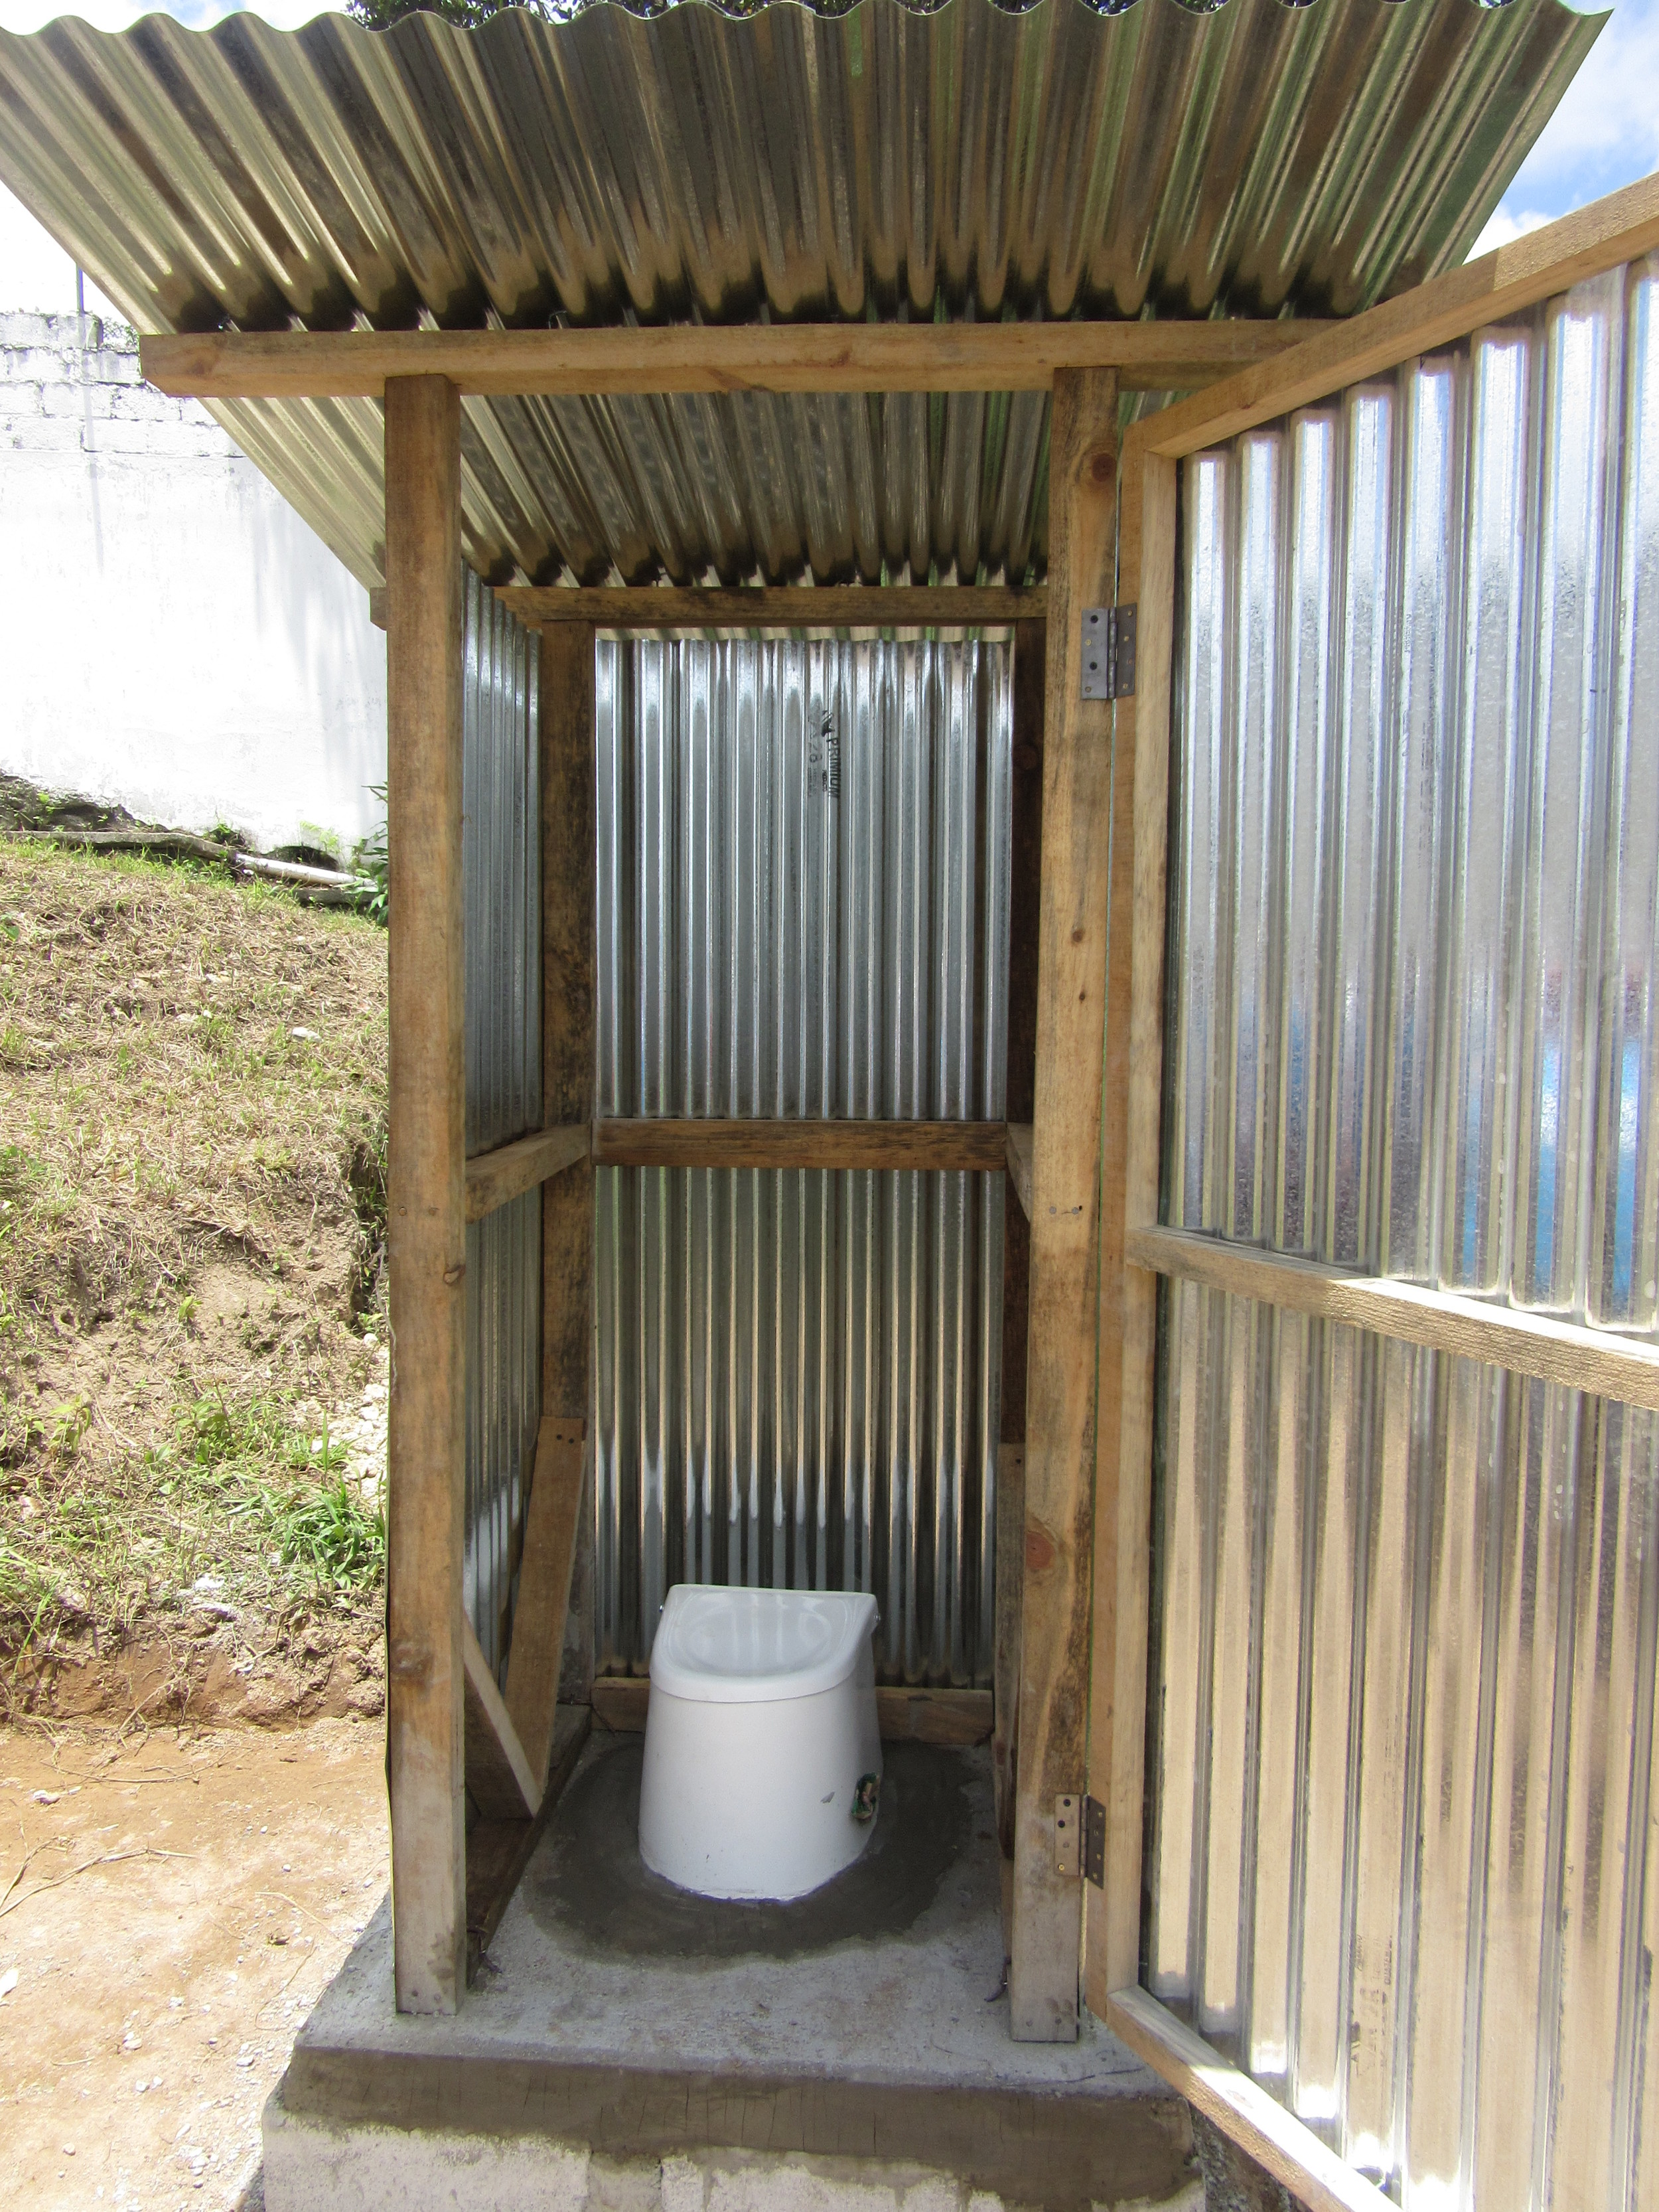 approved pilot latrine, july 2015.